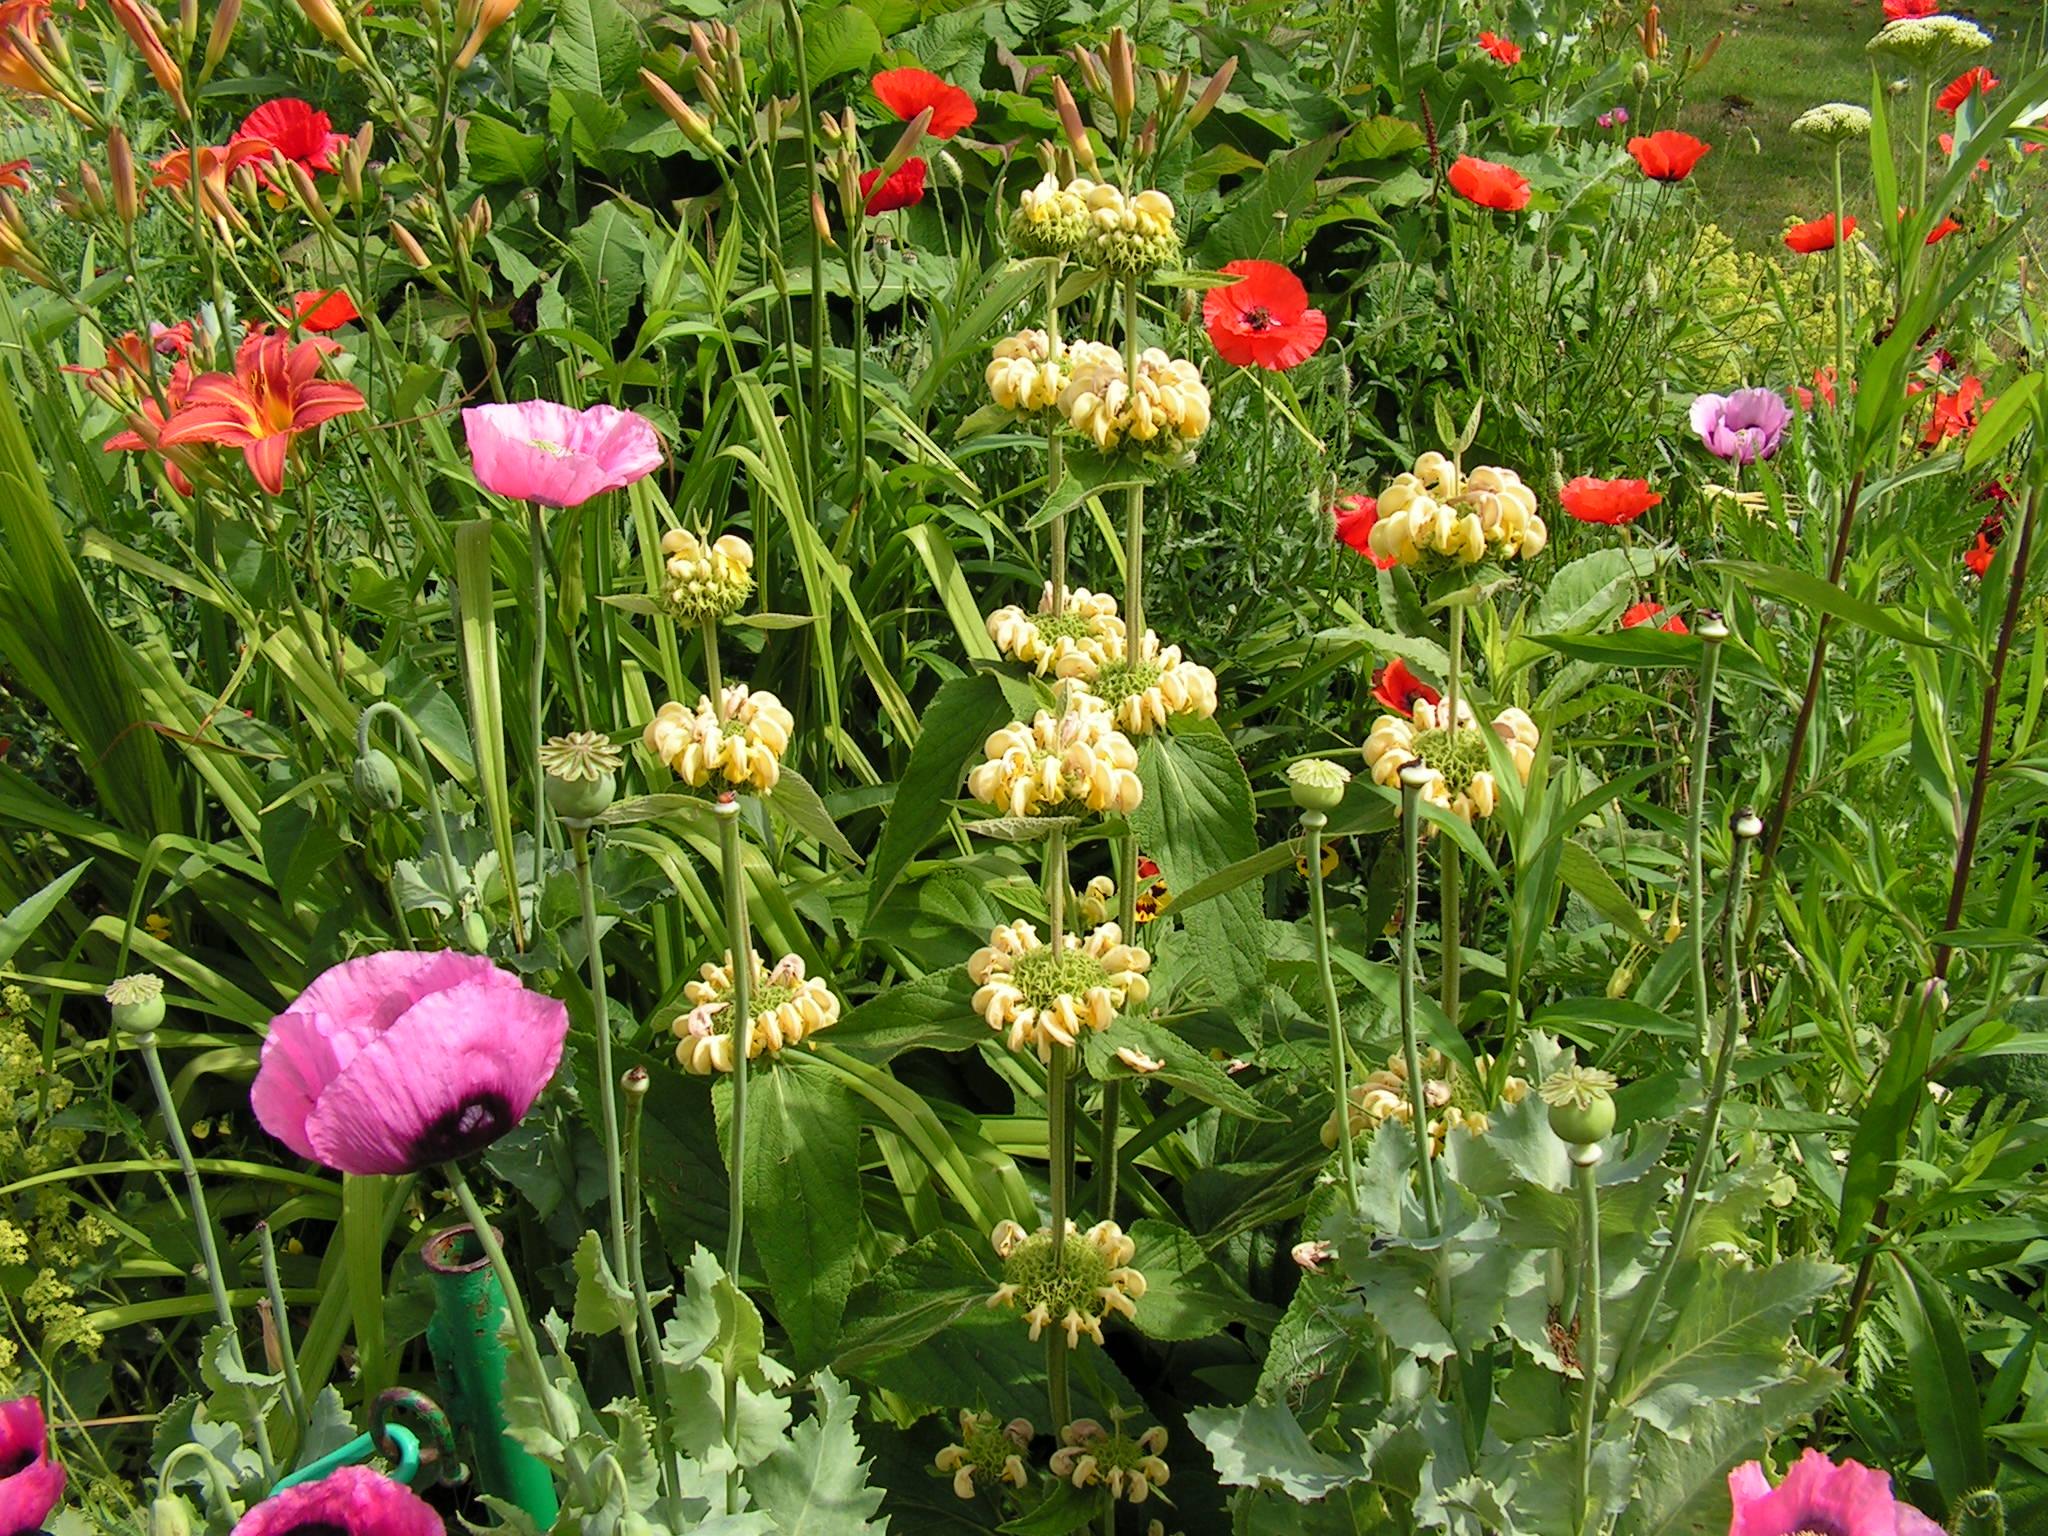 Le Jardin de Giverny